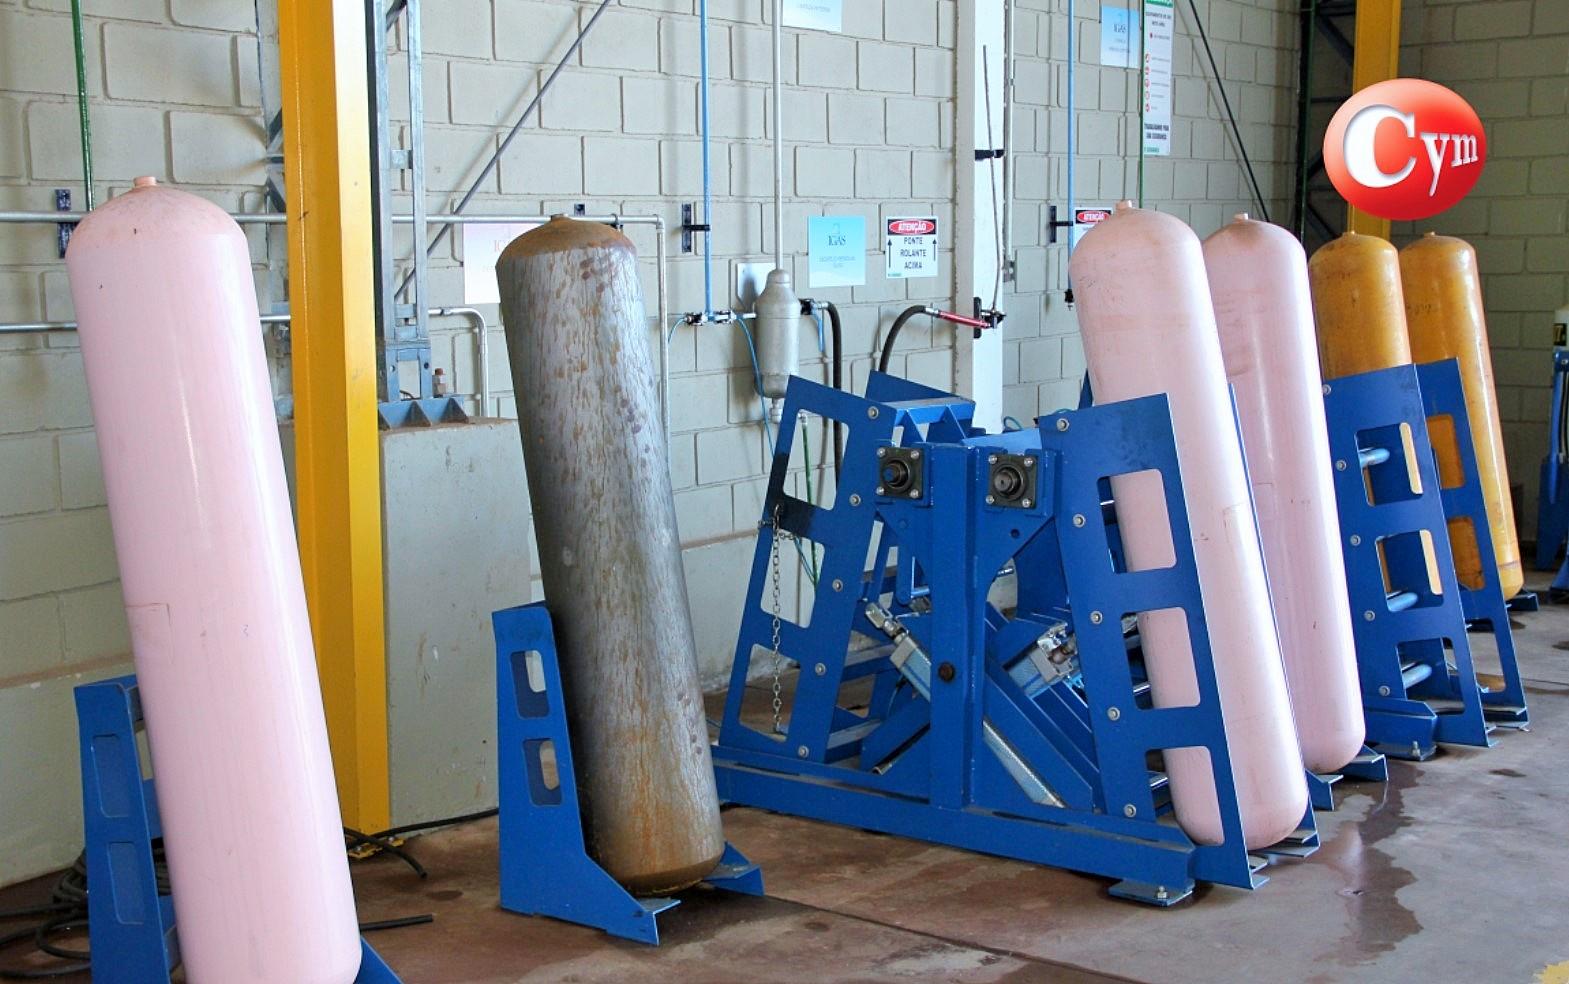 centro-recalificacion-cilindros-gnc-cymmateriales